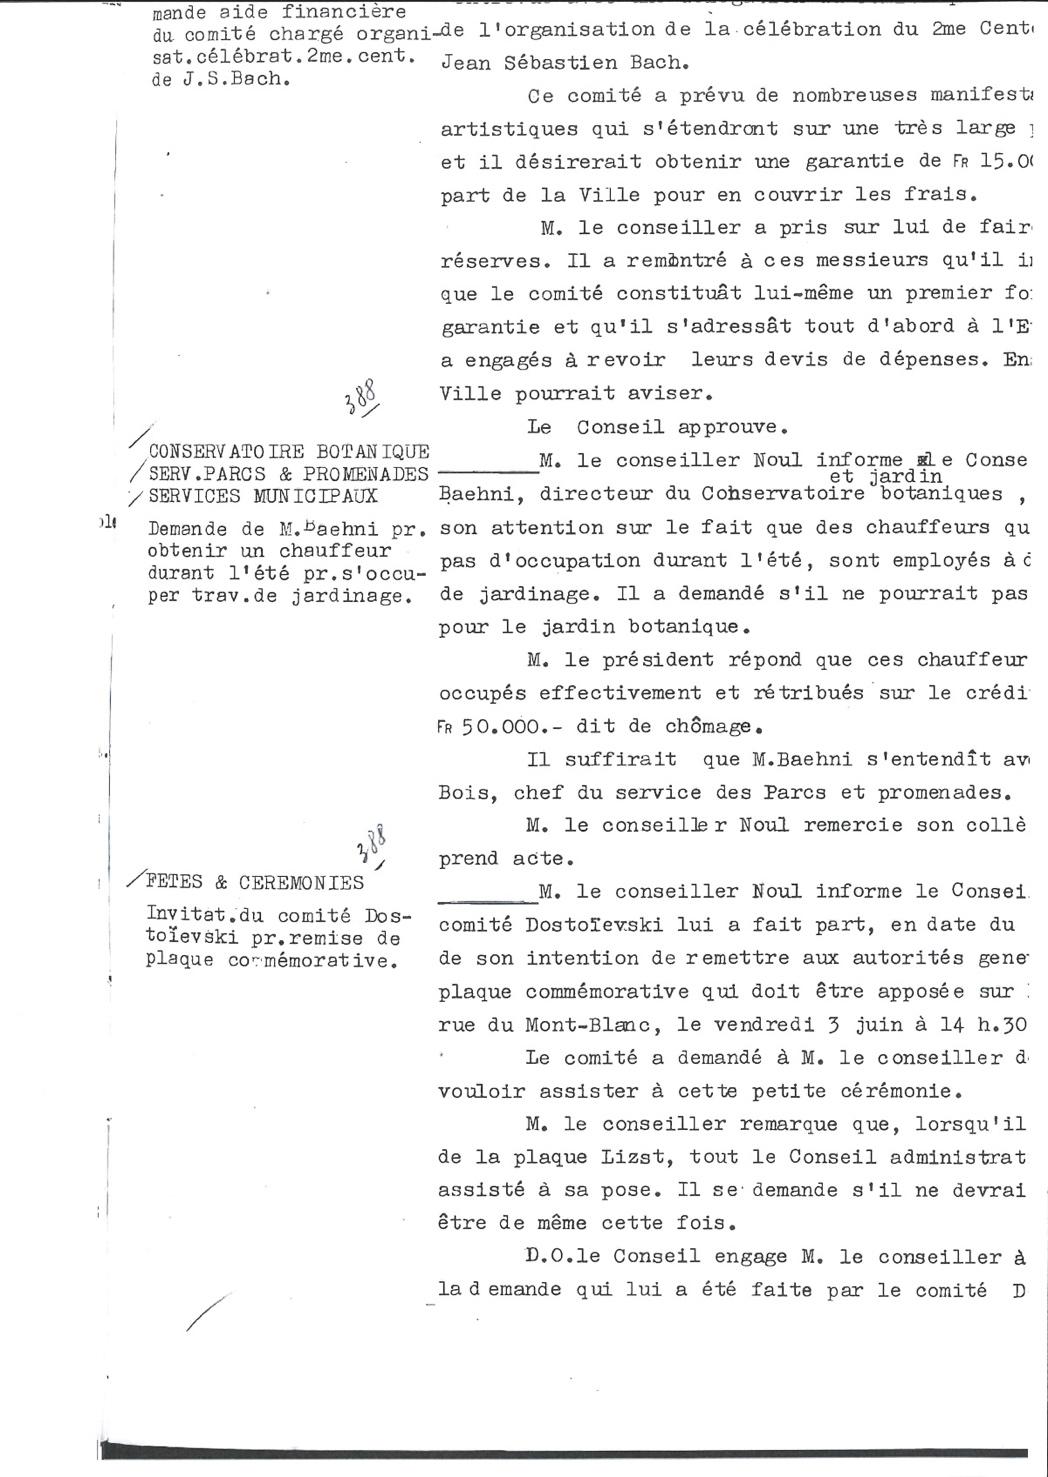 C:\Users\NATALIA\Pictures\Фотографии для очерков\Saxon Достоевский\New folder\Protocol.jpg